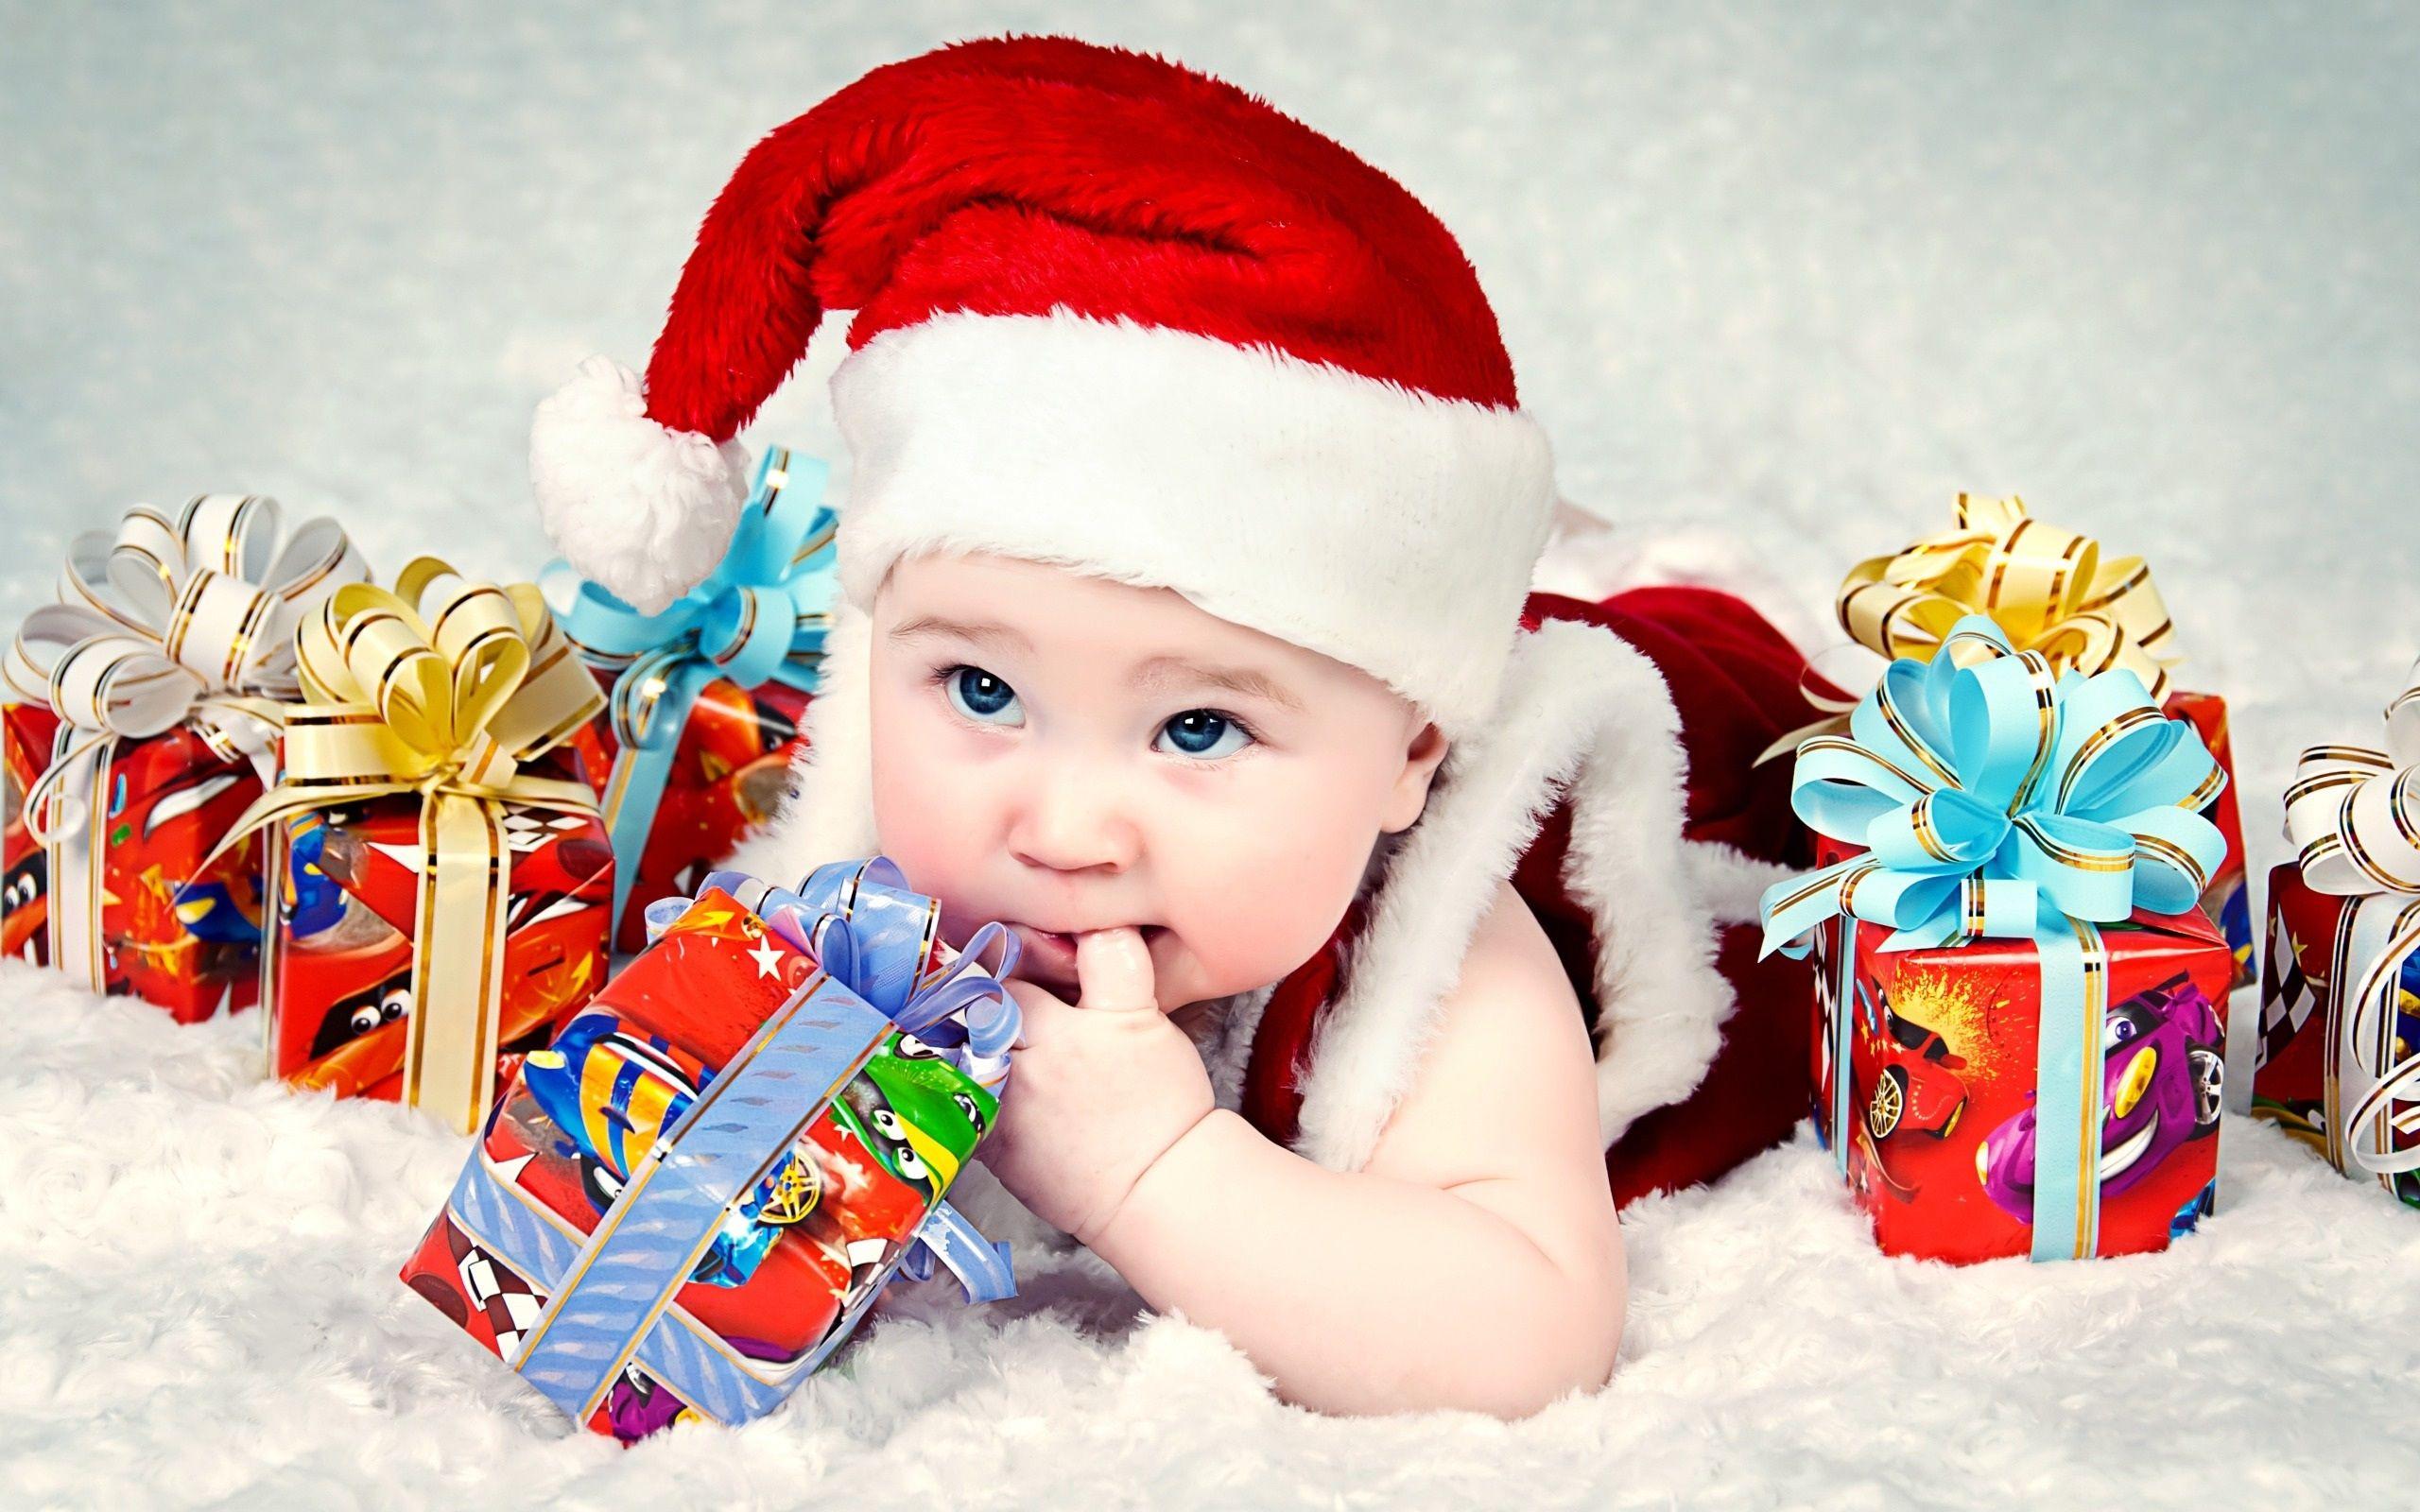 Christmas Baby Images Hd.Christmas Baby Hd Wallpapers Christmas